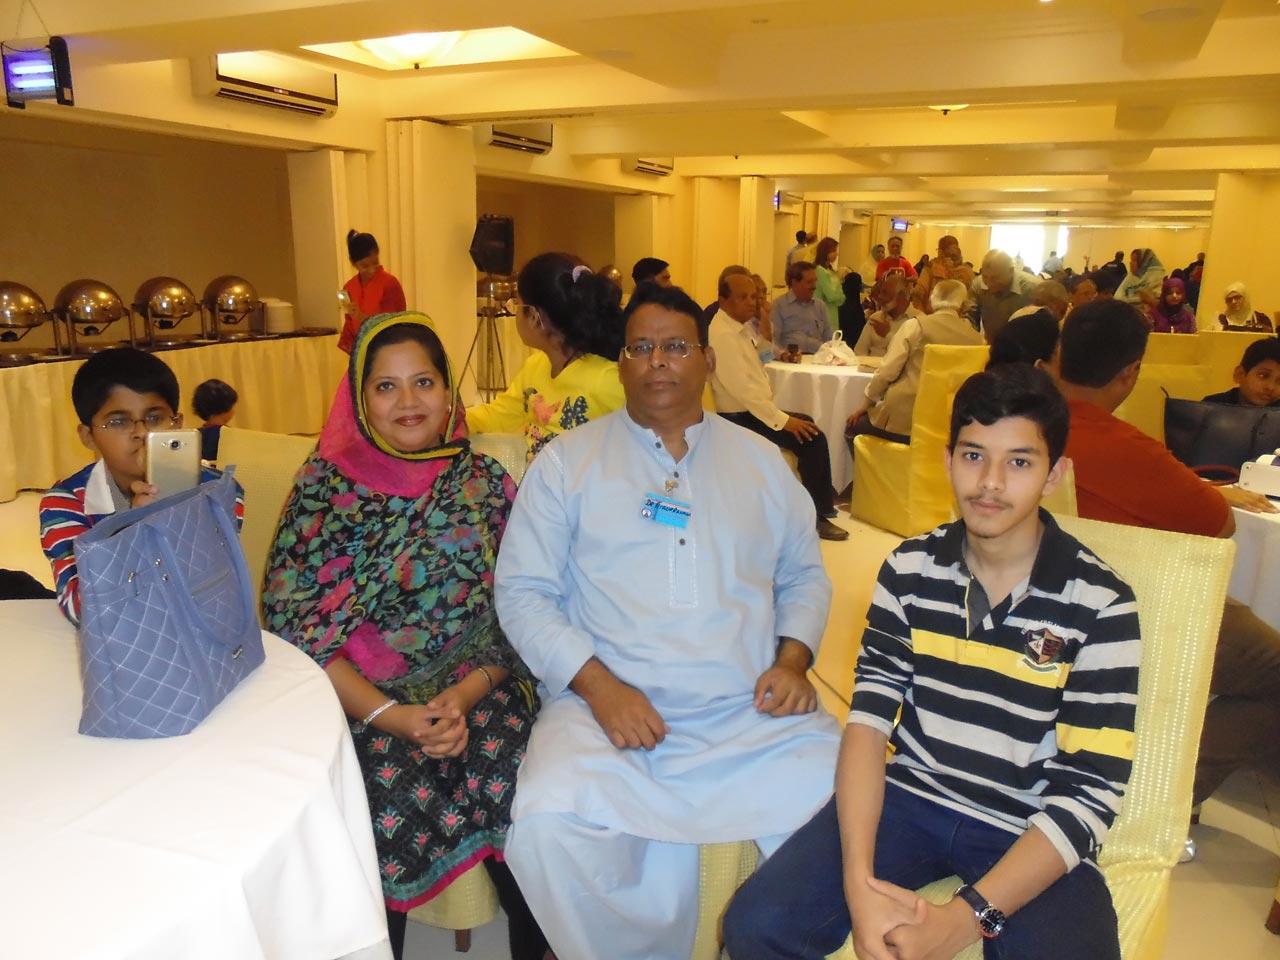 Habib Ur Rehman, Dr. Kiran A. Rehman, Dr. Ata Ur Rehman, Obaid Ur Rehman